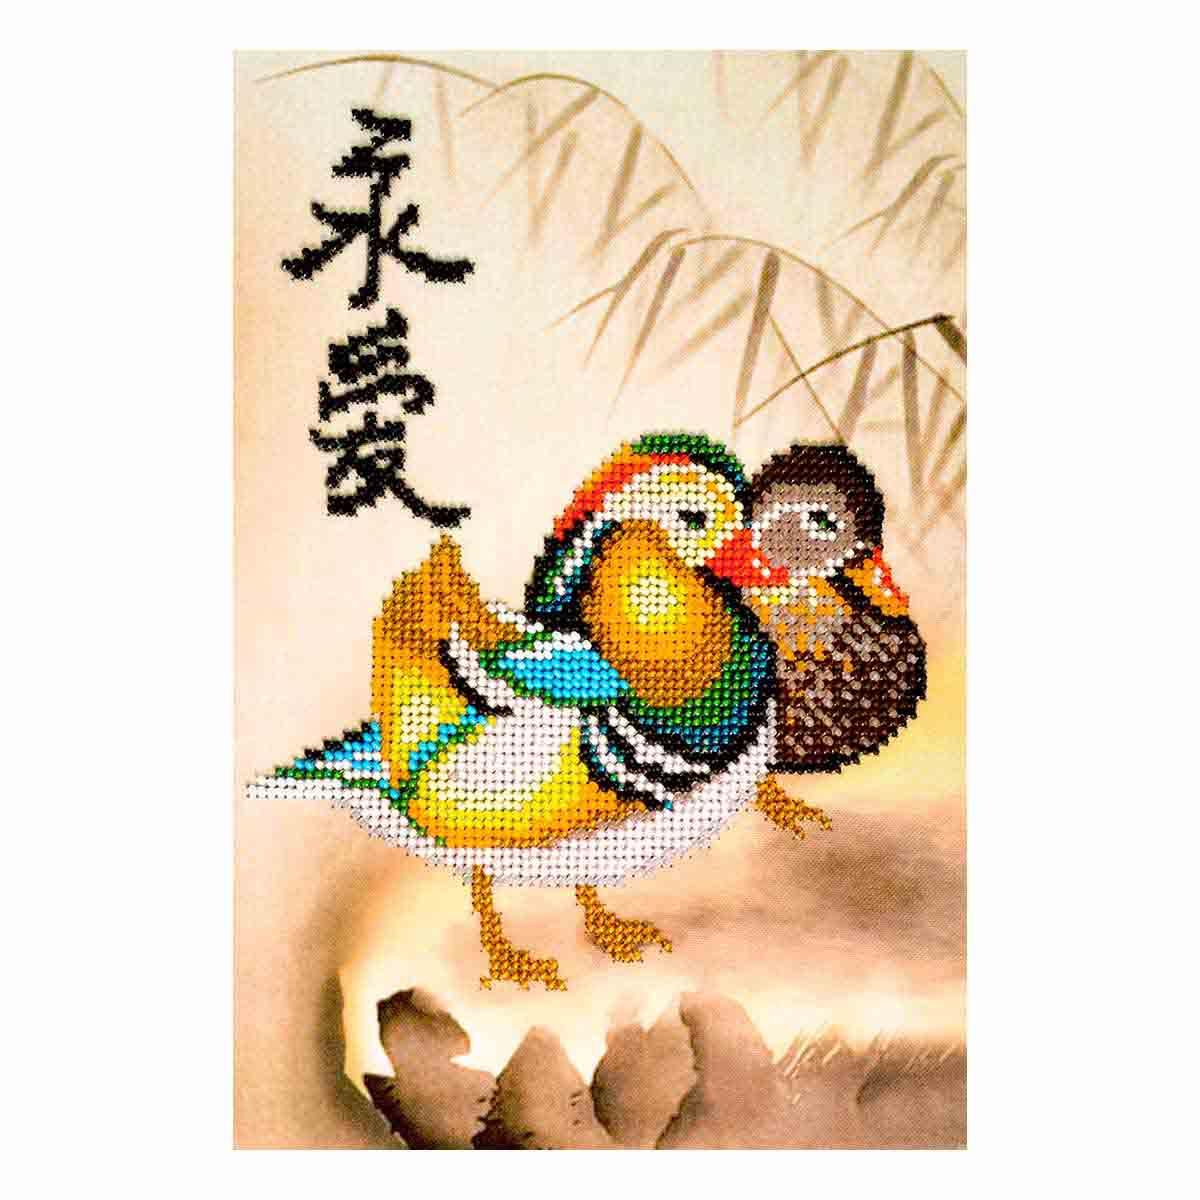 Ф-106 Набор для вышивания бисером 'Созвездие' 'Вечная любовь. Материнство', 17*24,5 см